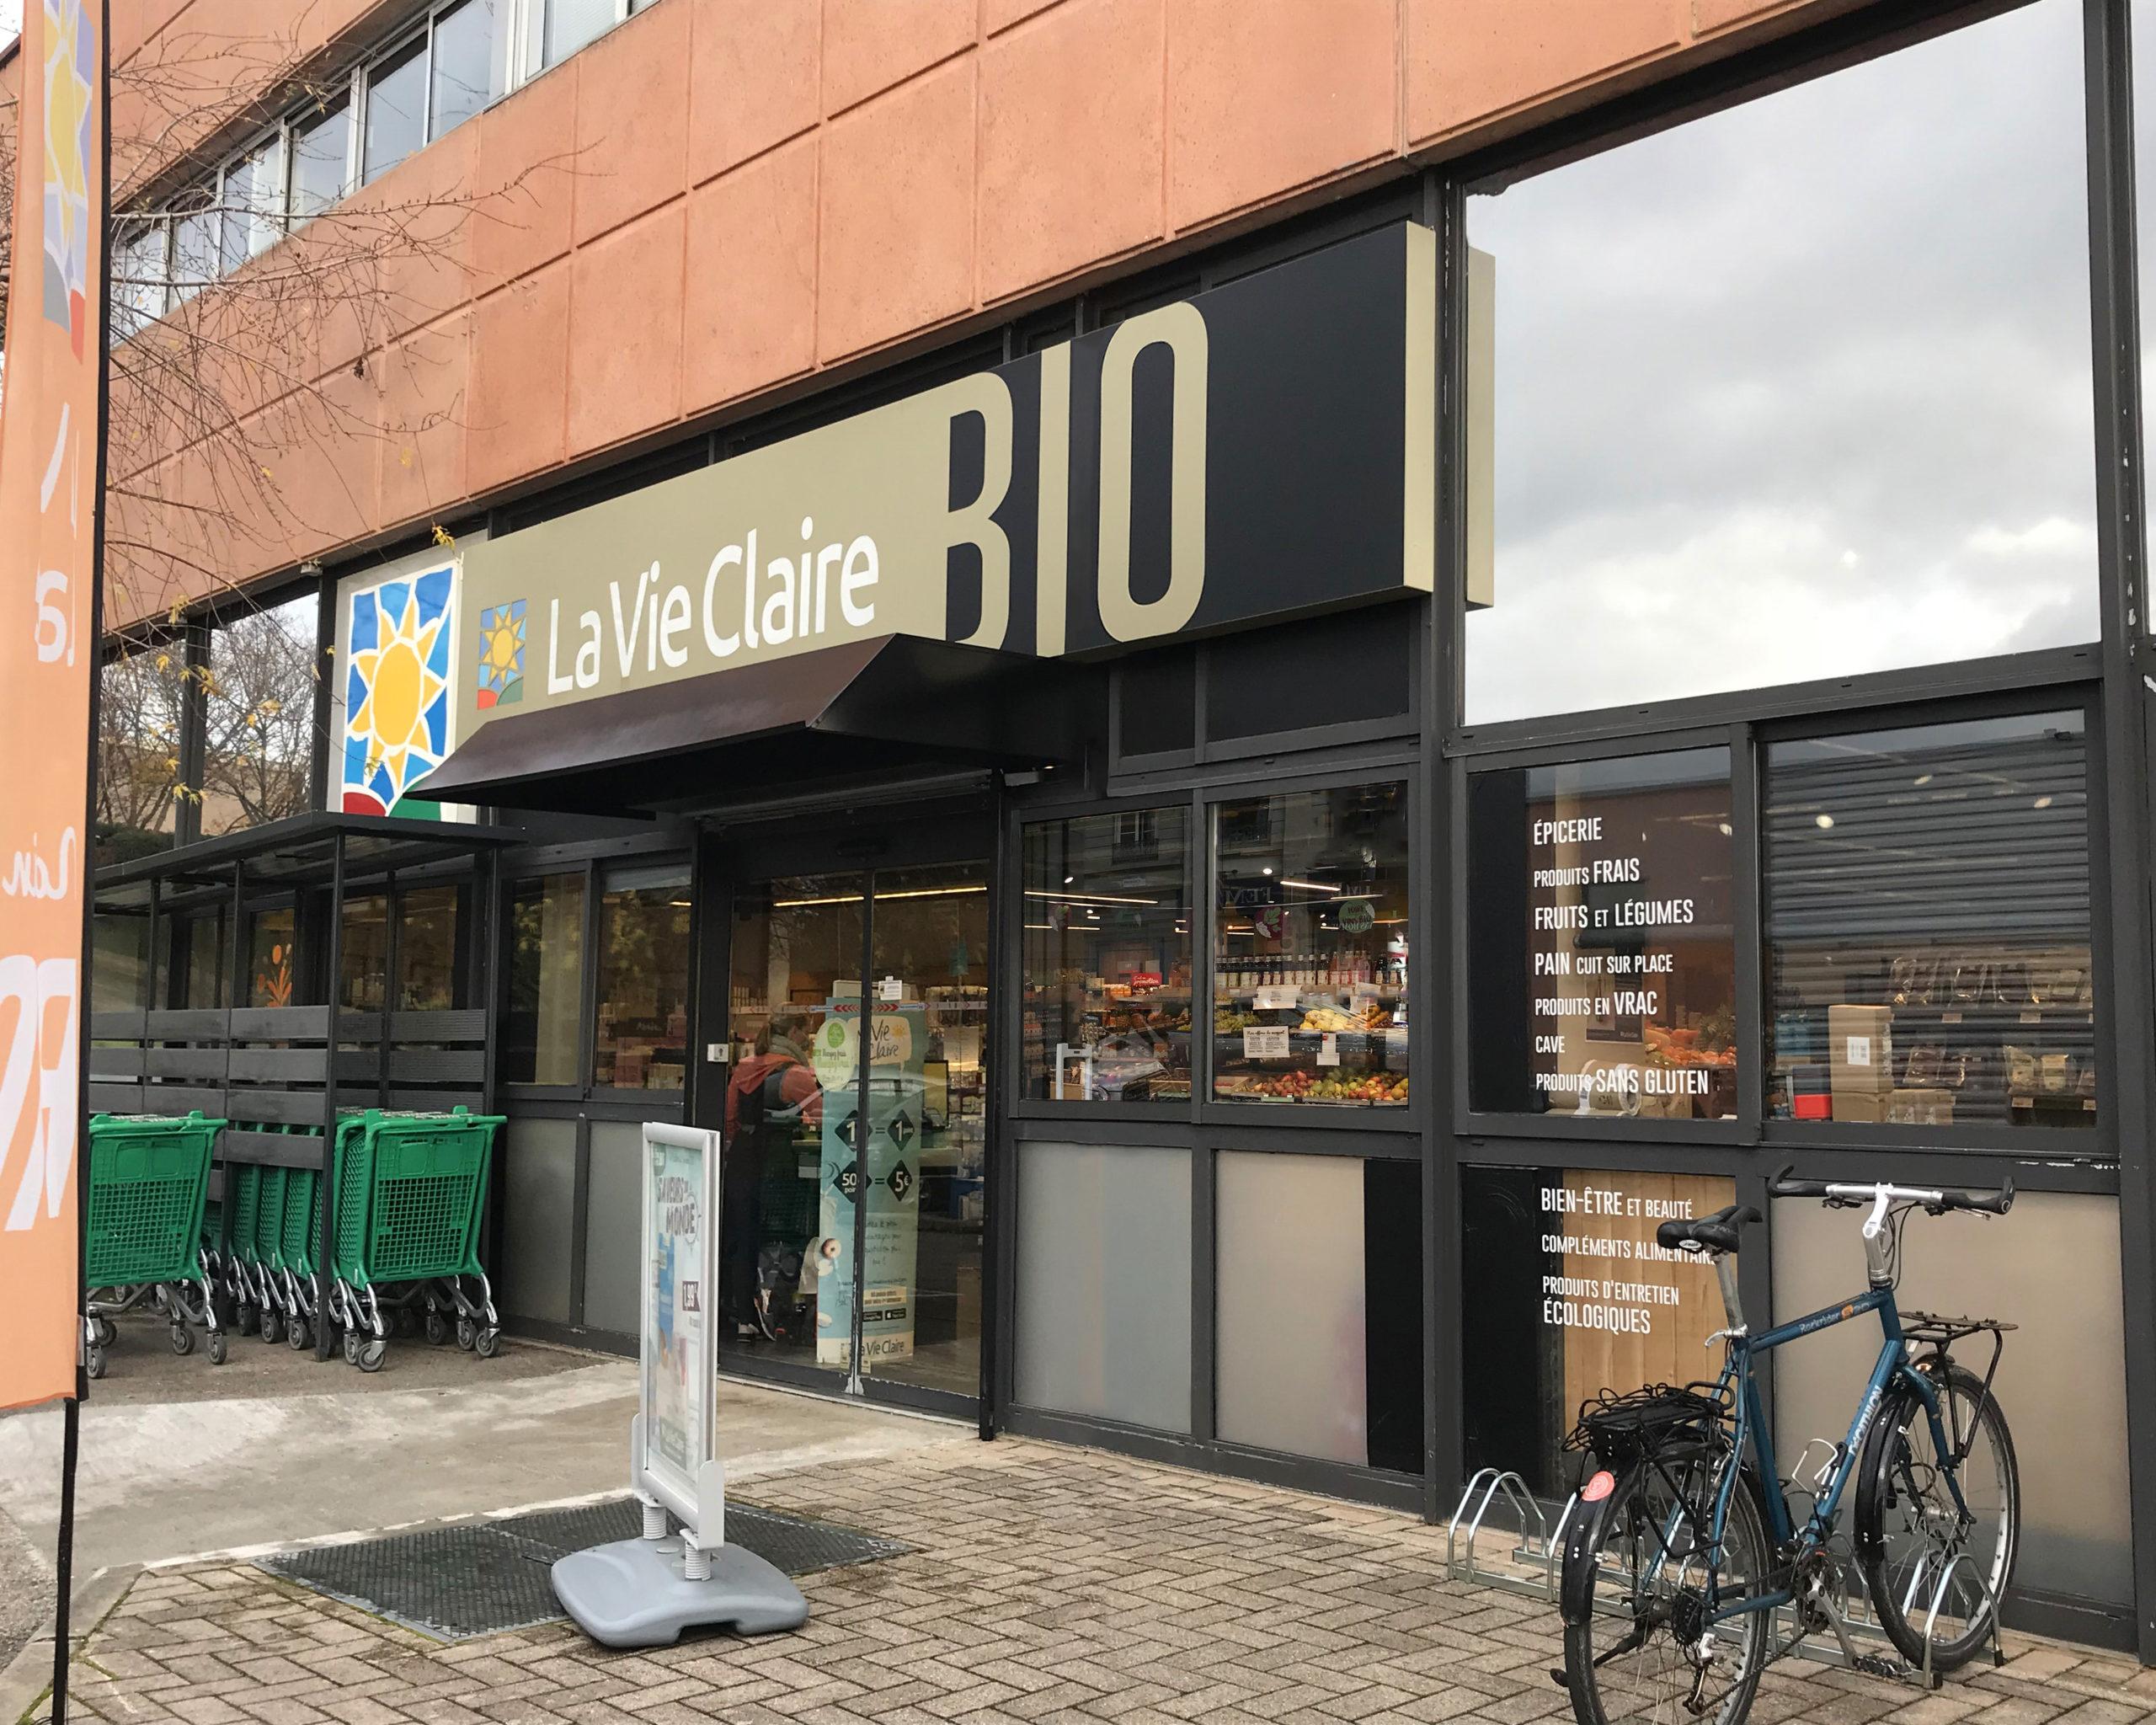 La Vie Claire Brignais, magasin spécialisé en alimentation bio